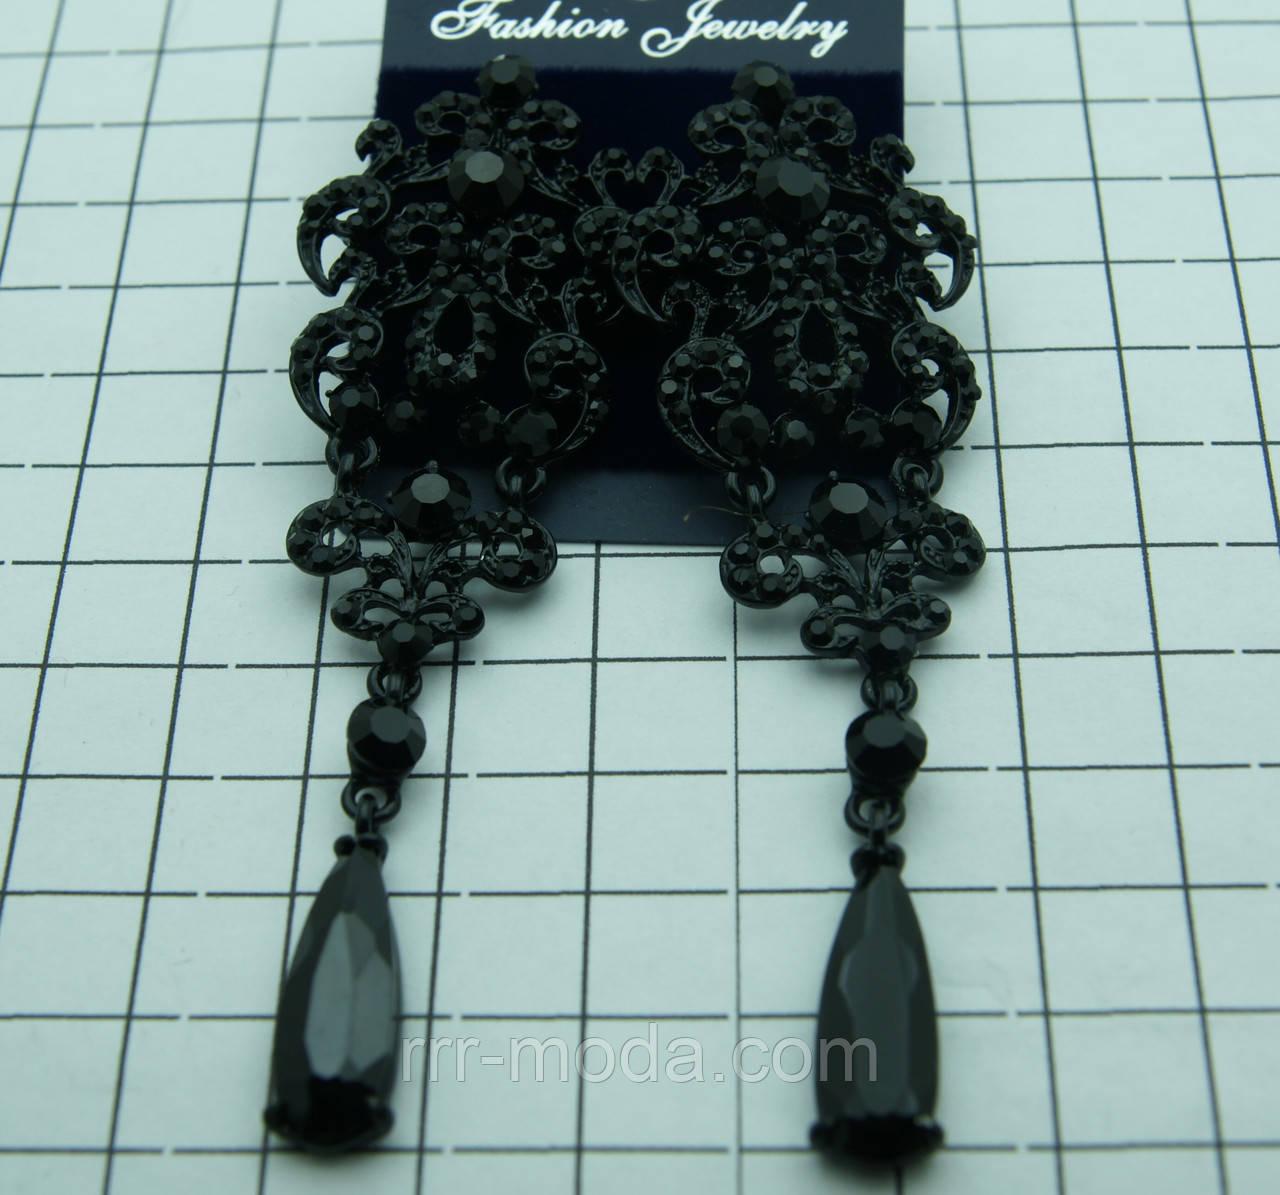 571. Черные стильные серьги с кристаллами каплями длиной 10 см